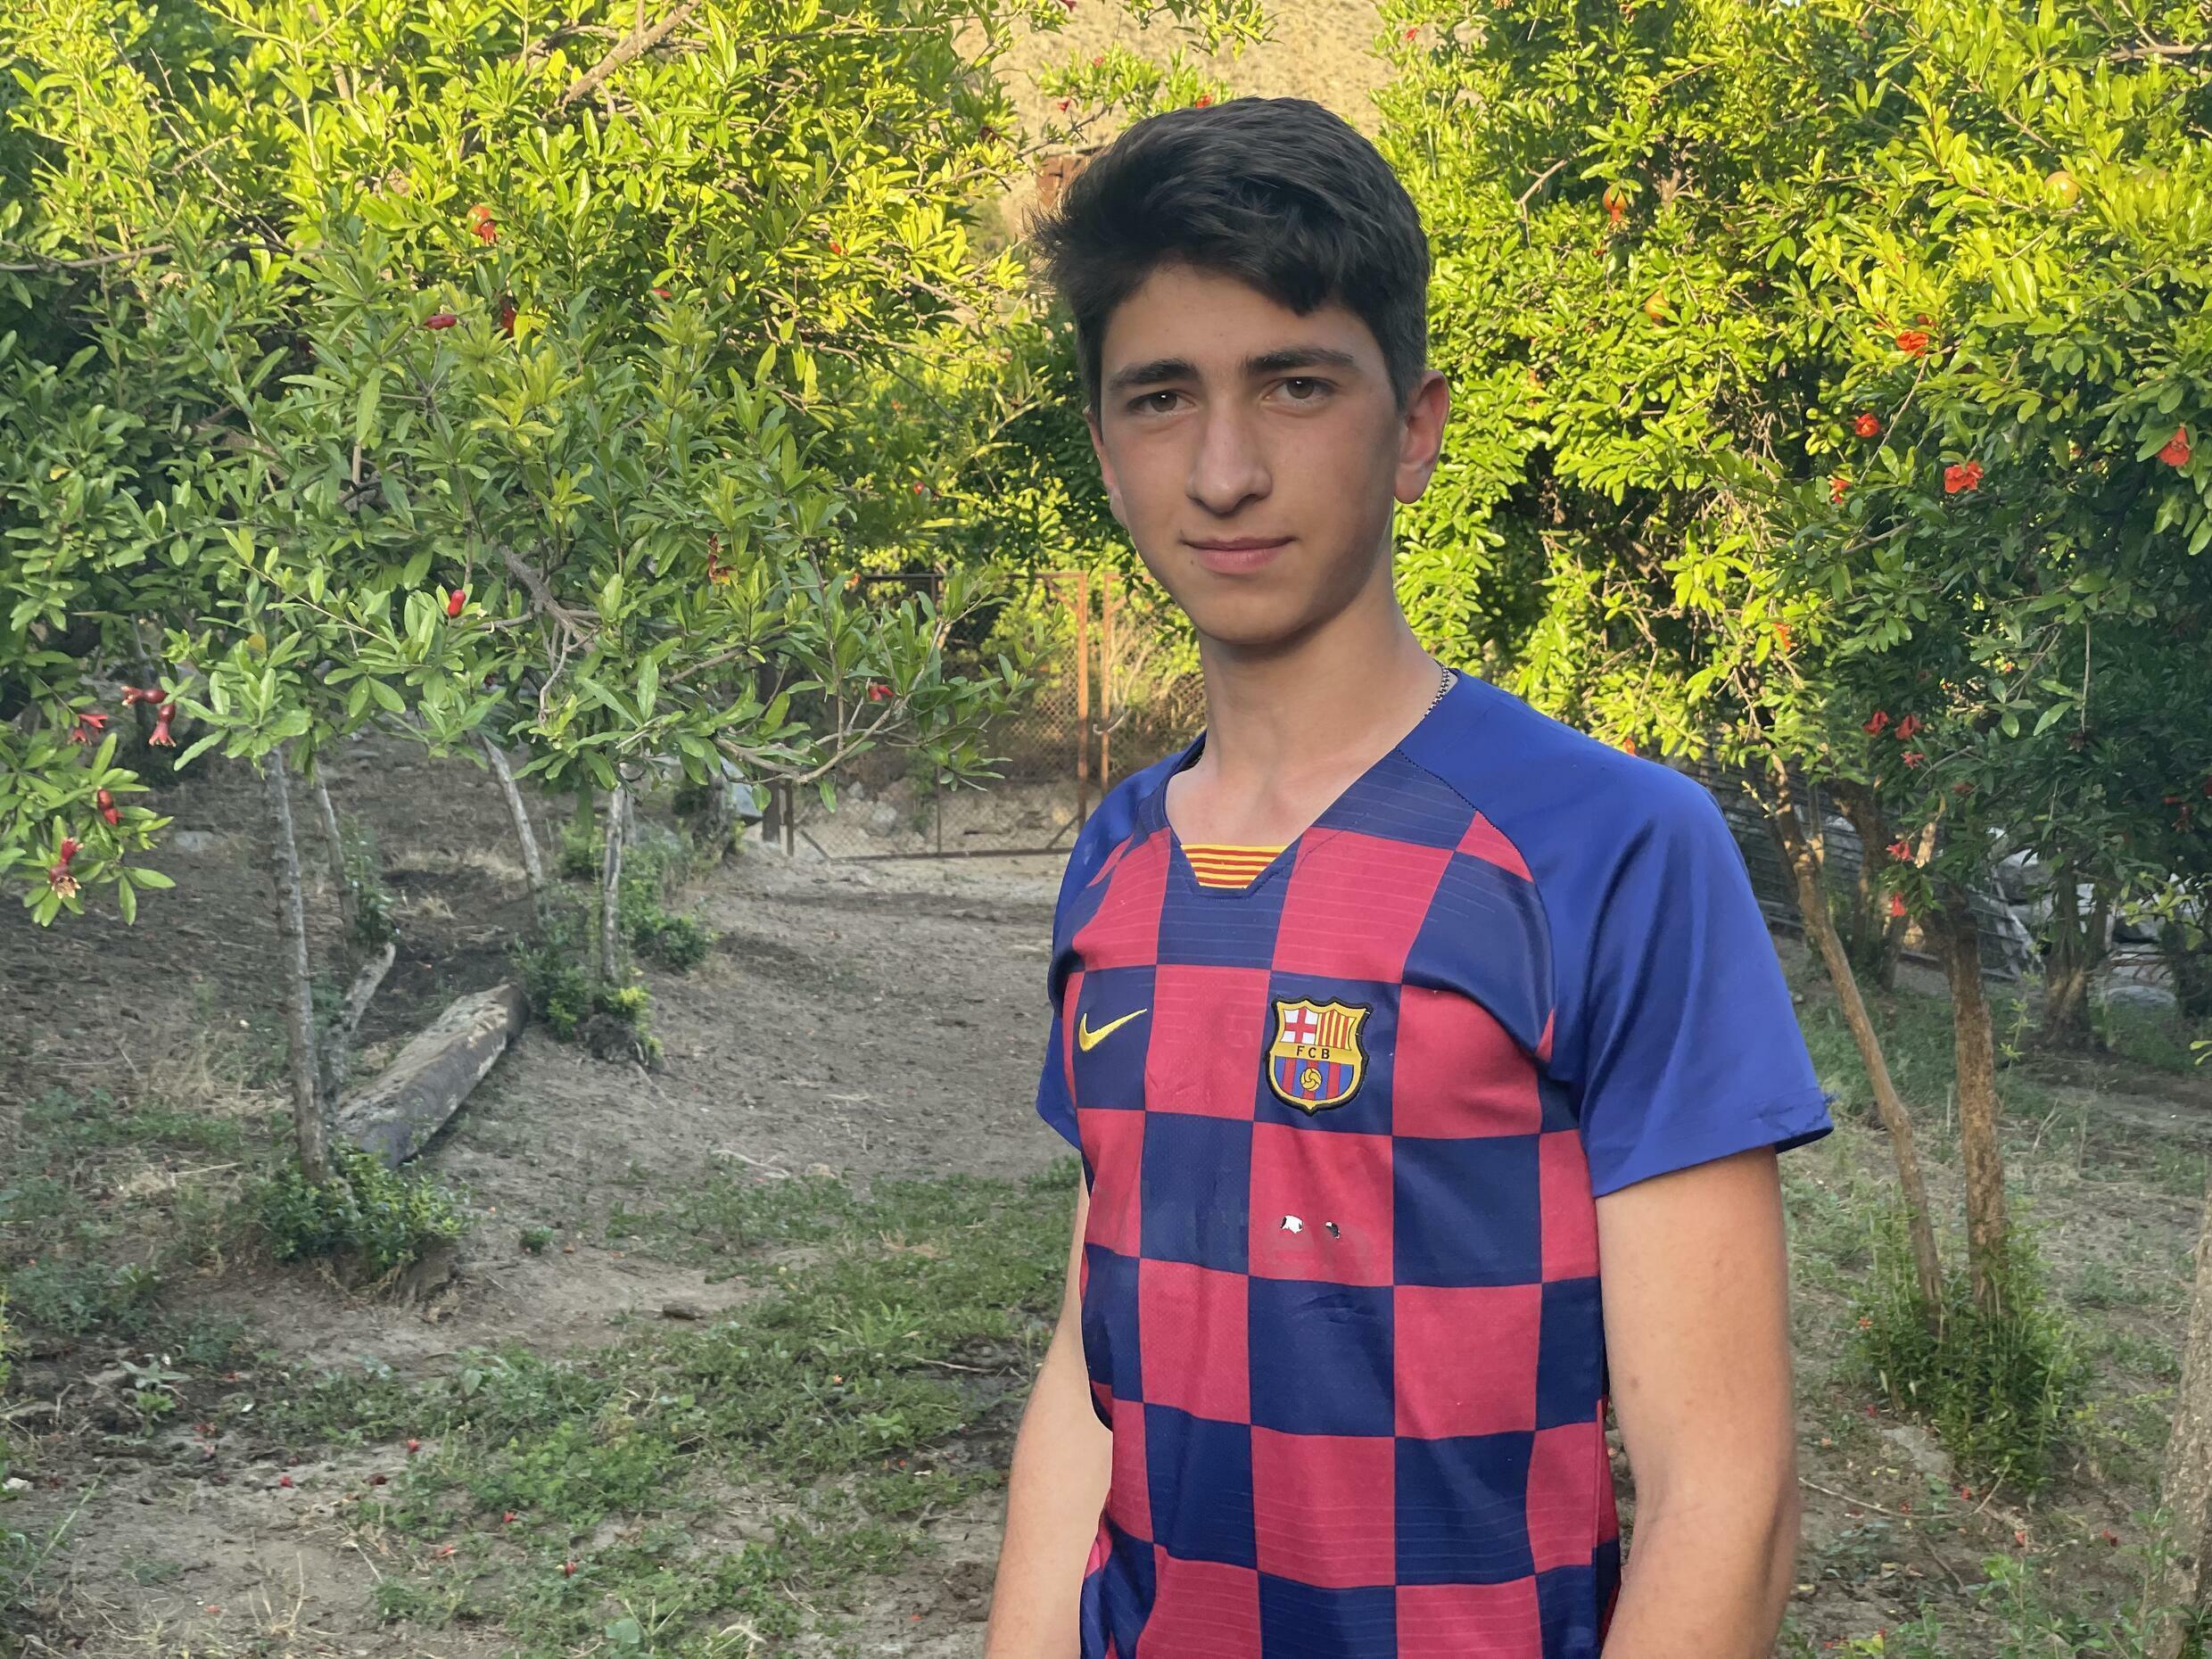 18-летний Алекс мечтает стать футболистом и готовится к армейской службе этим летом. Сюникская область. Армения. 14 июня 2021 год.